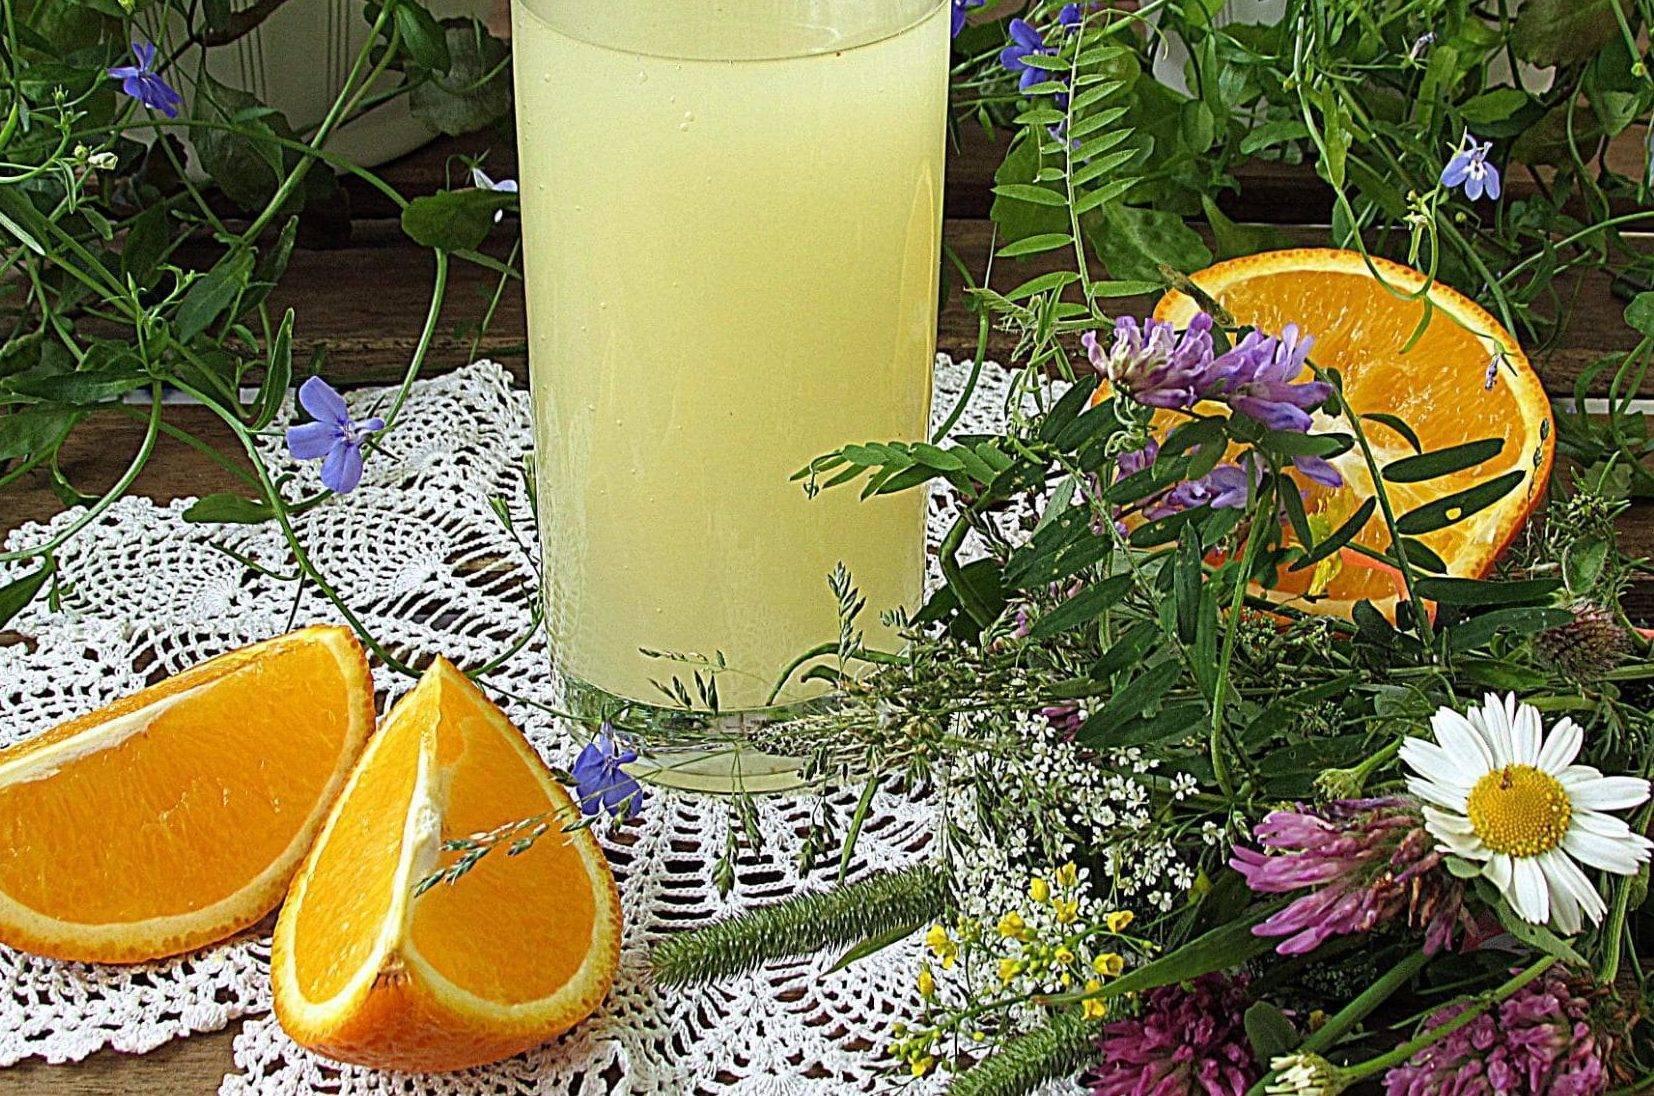 Квас из березового сока с ароматными сухофруктами: полезные рецепты